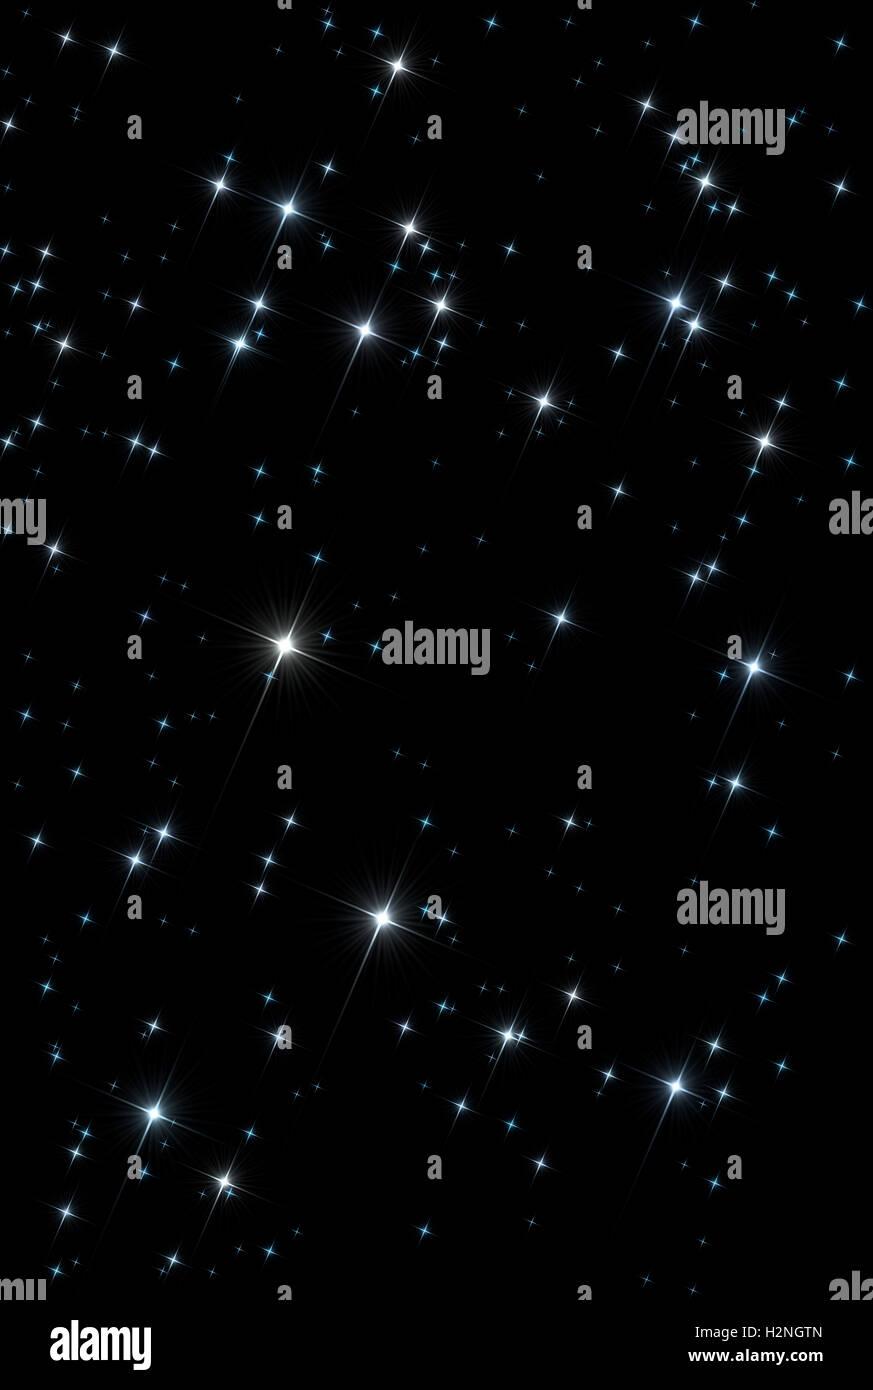 Résumé de l'univers de l'espace contexte: configuration des lumières scintillantes Photo Stock